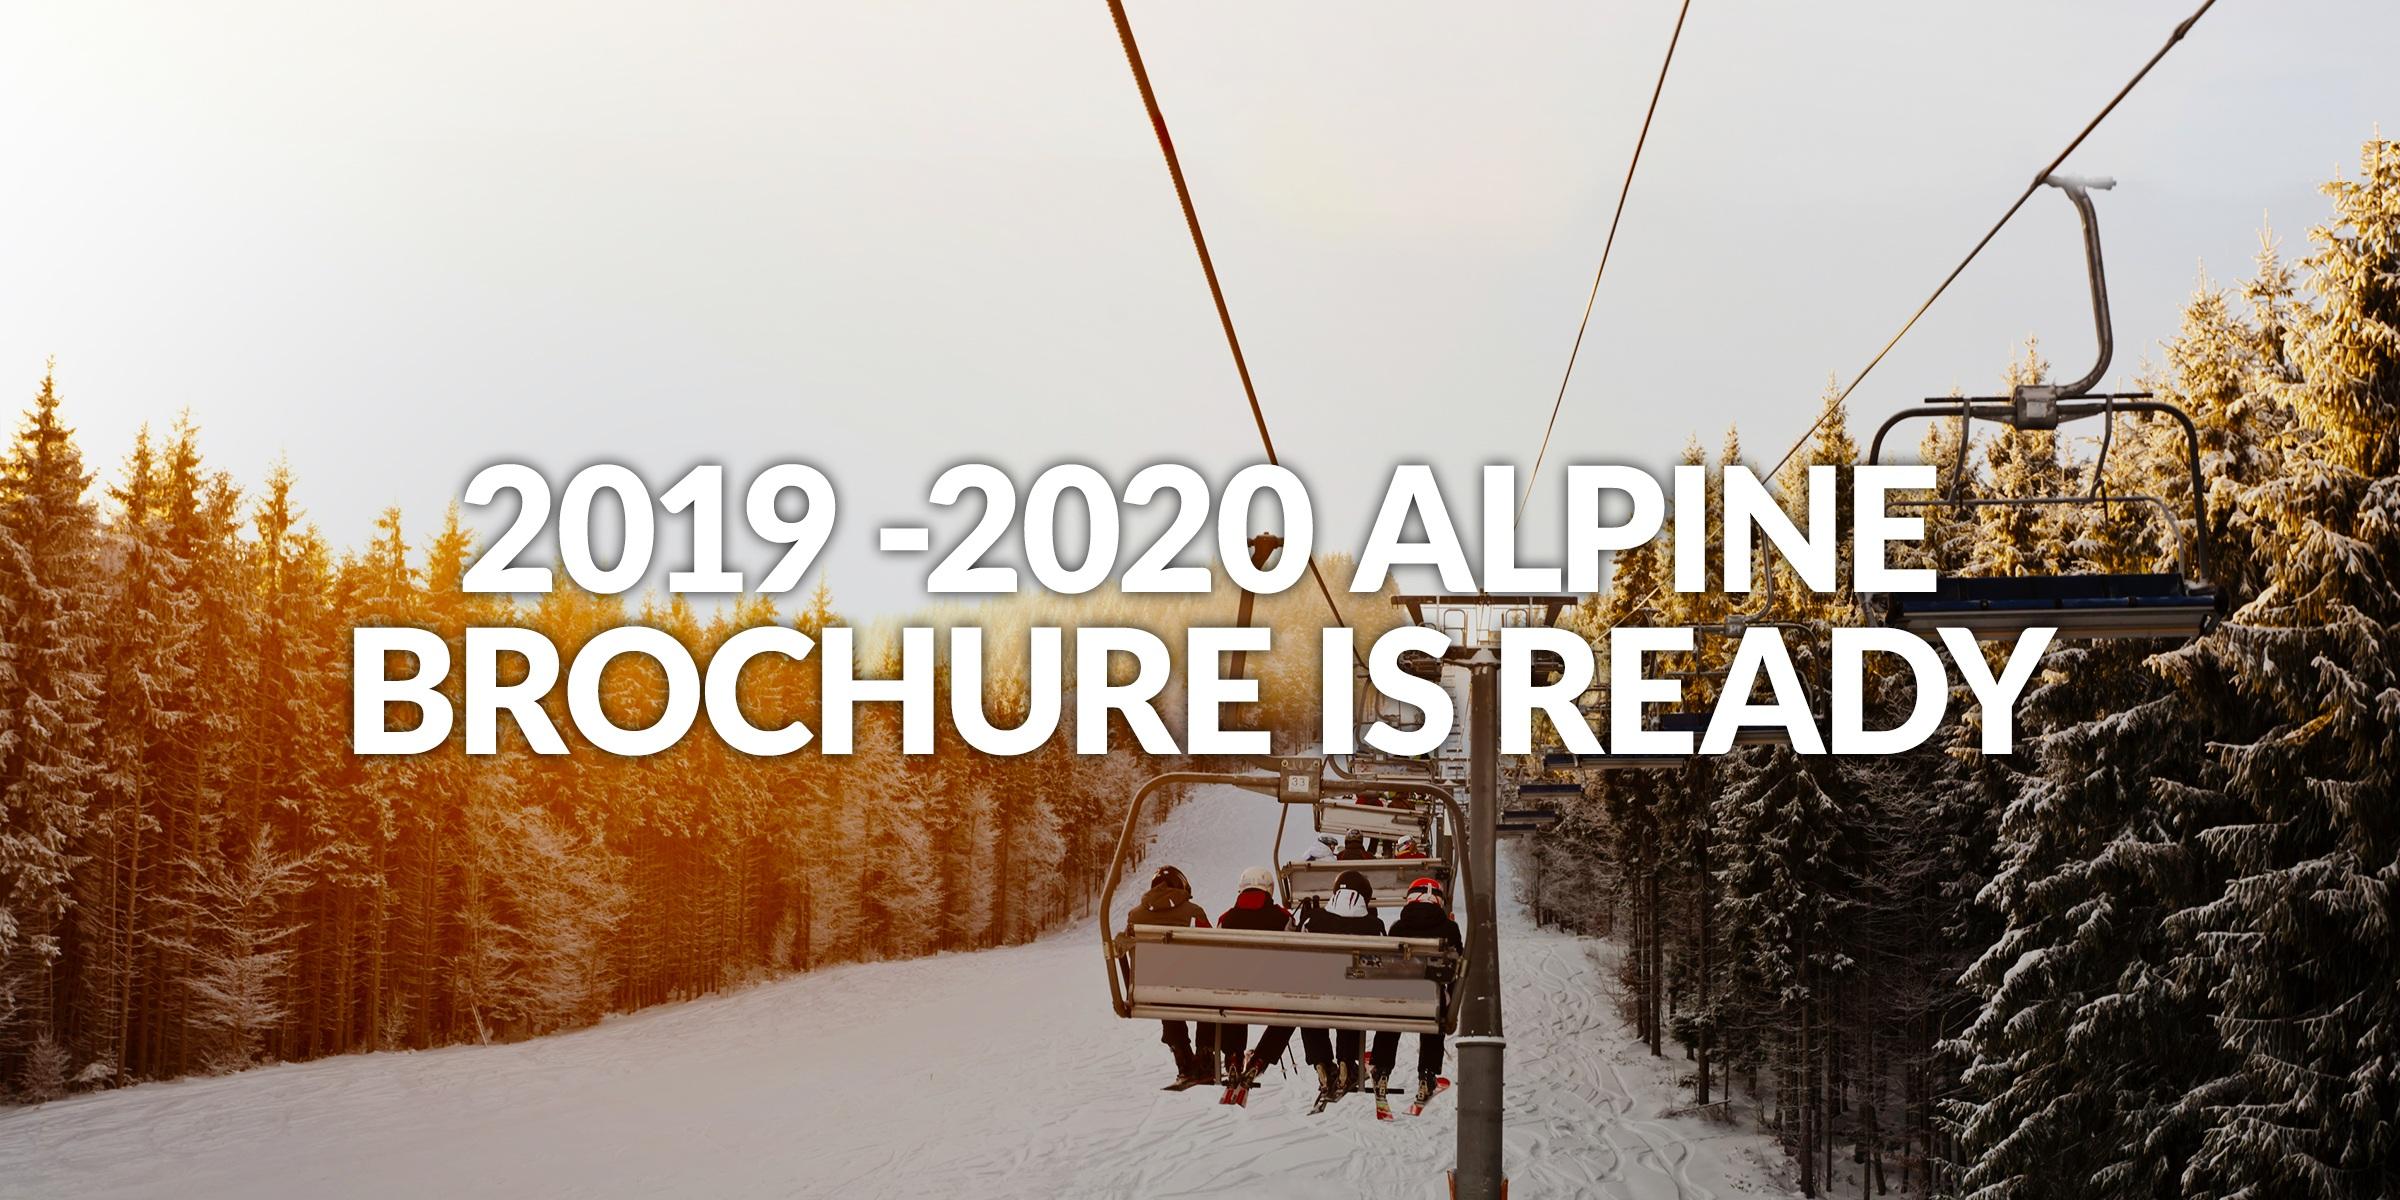 2019 -2020 Alpine brochure is ready.jpg